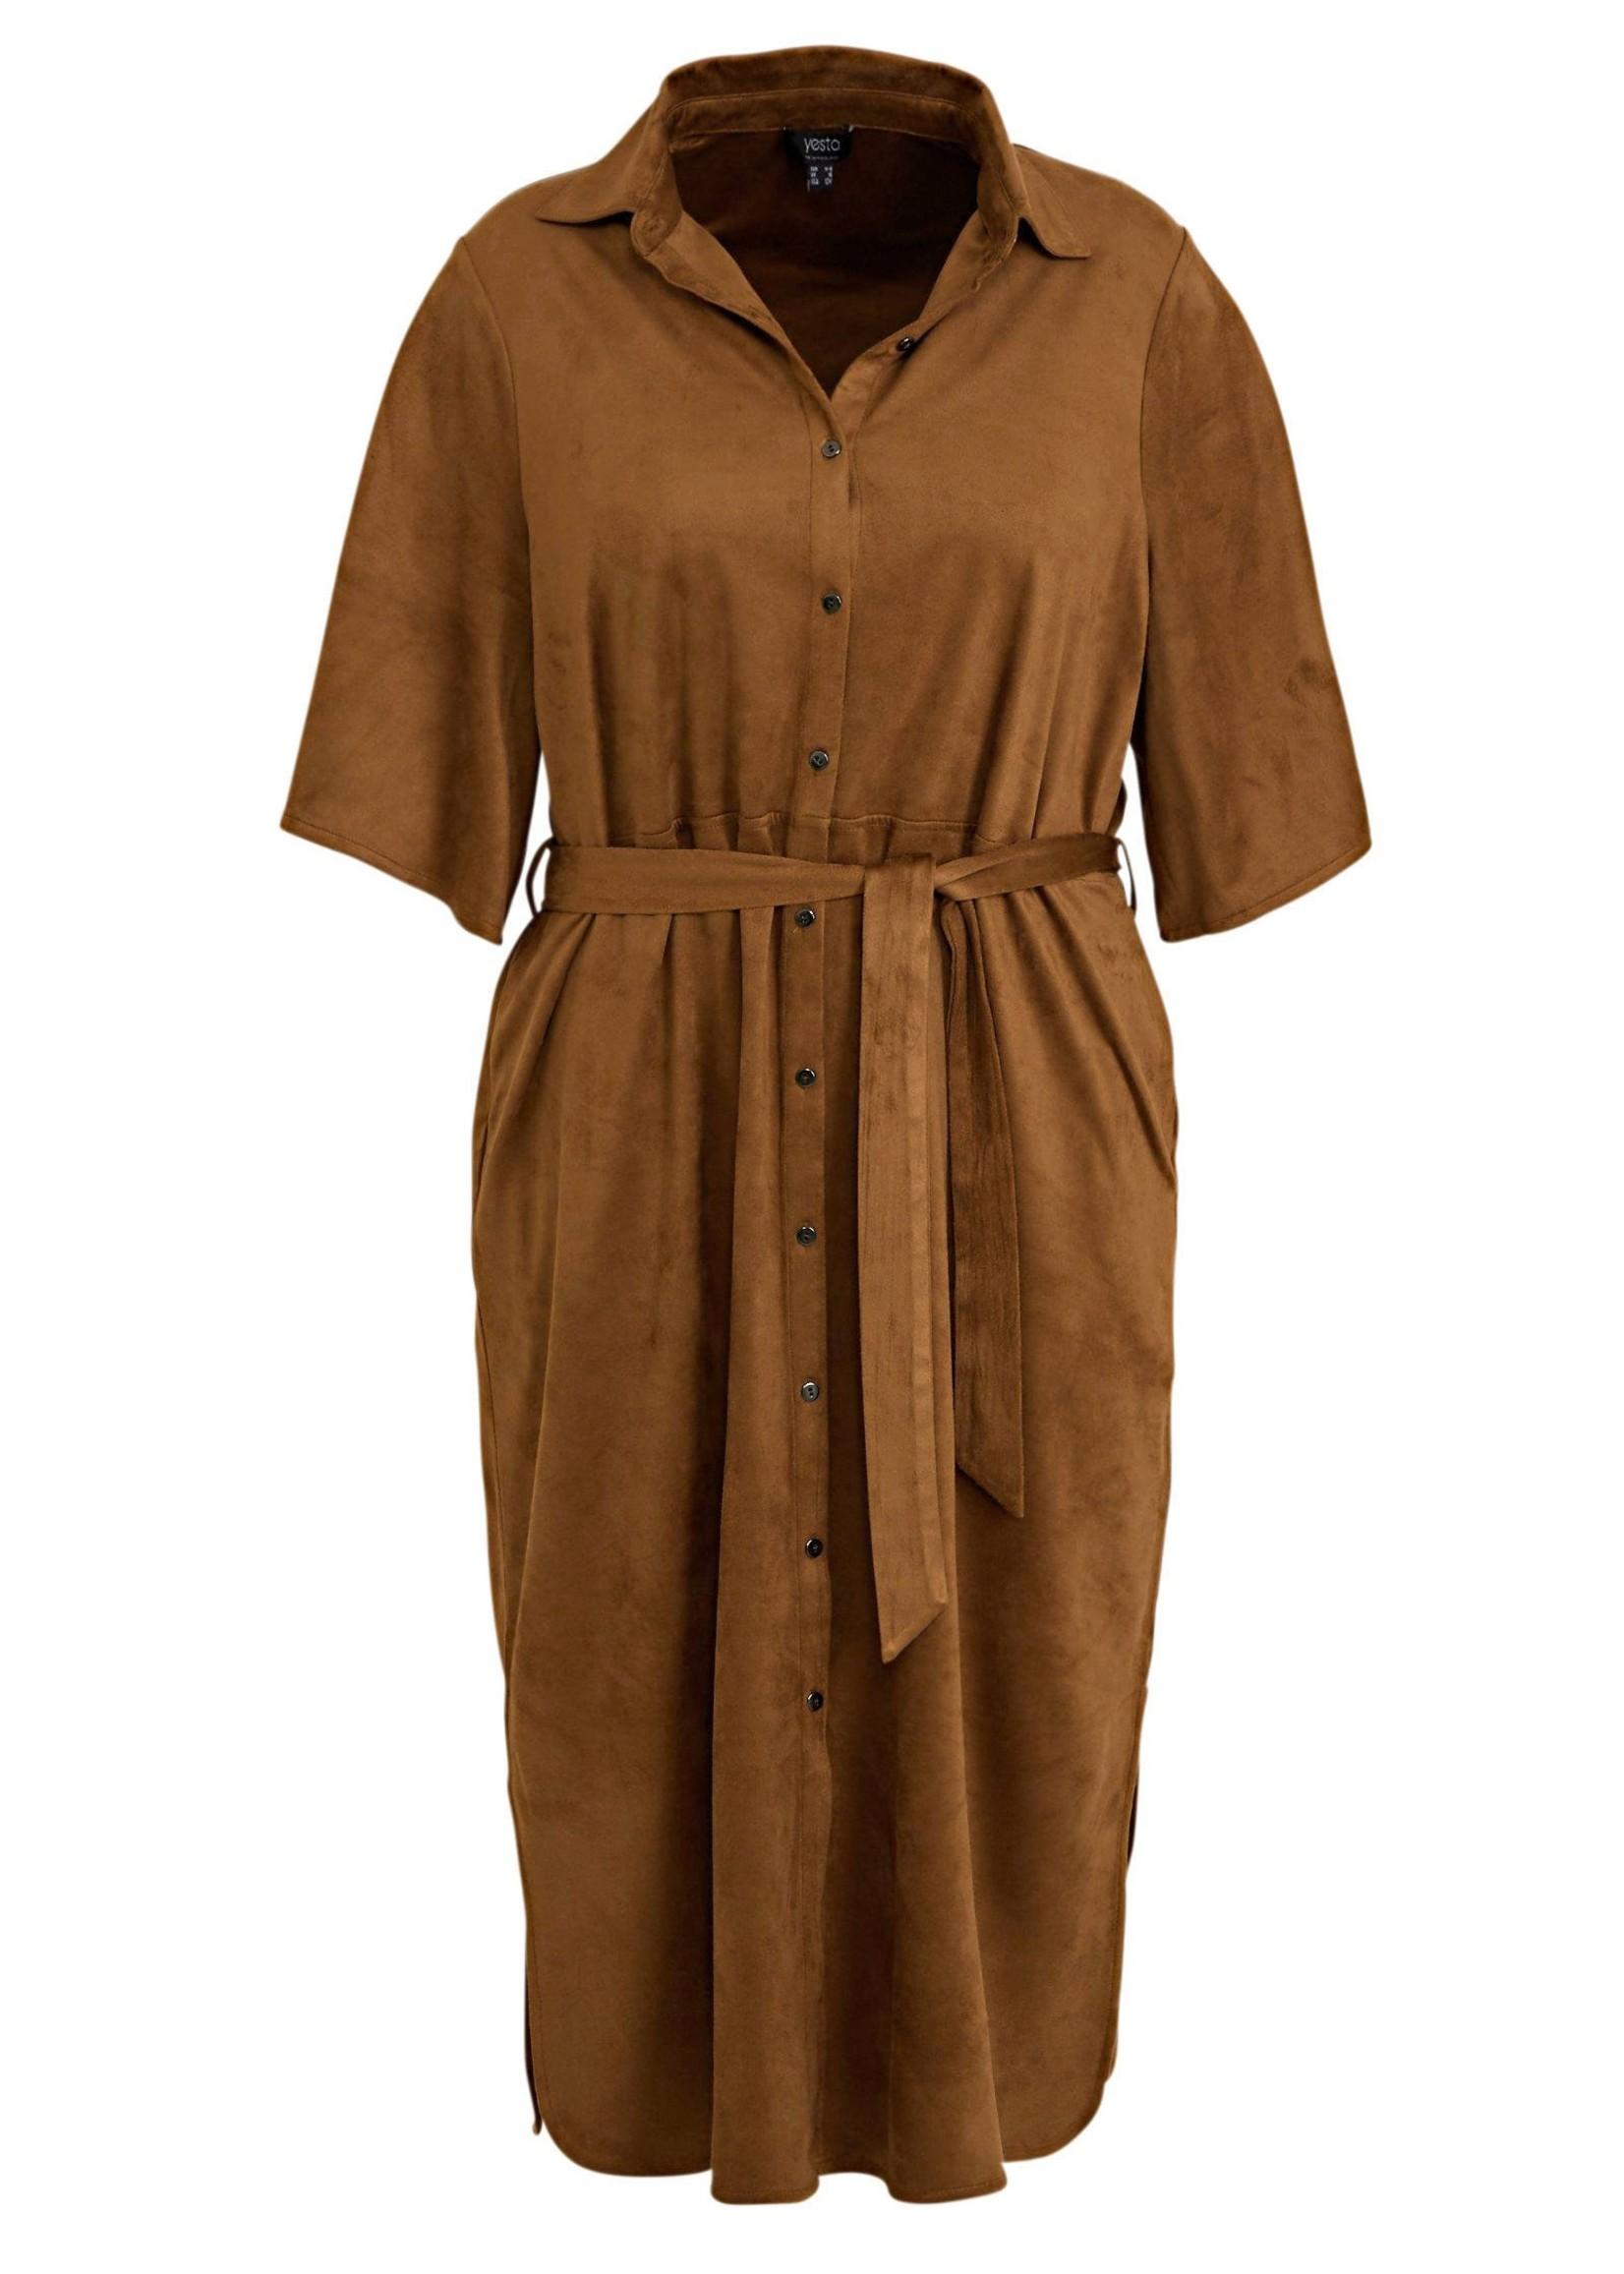 Yesta Yesta Velicia Camel Dress